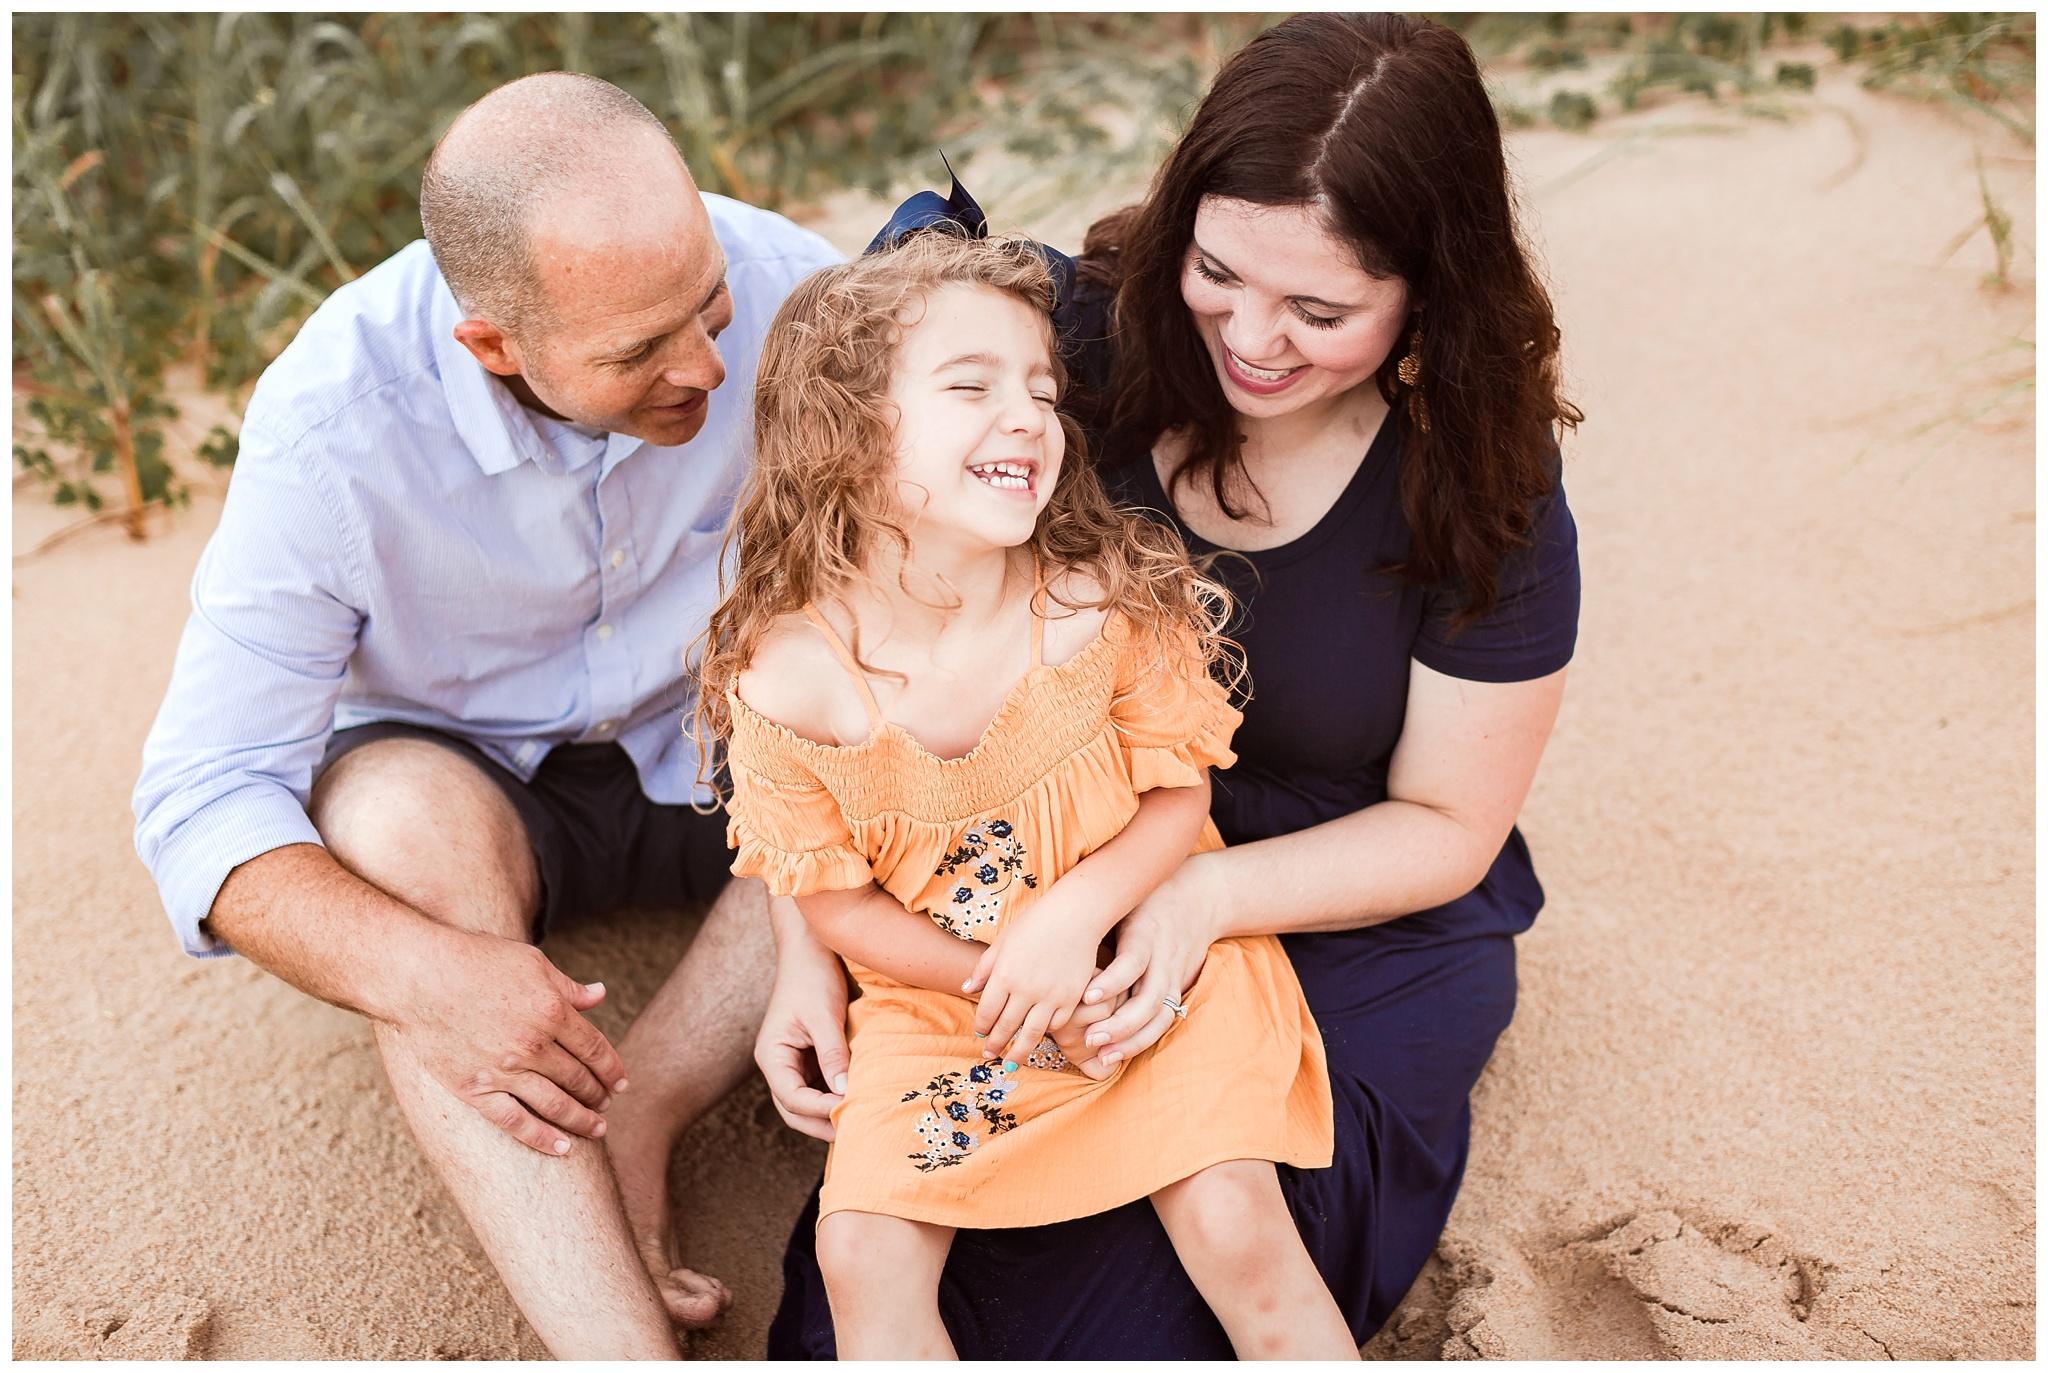 Virginia-Beach-Family-Photographer